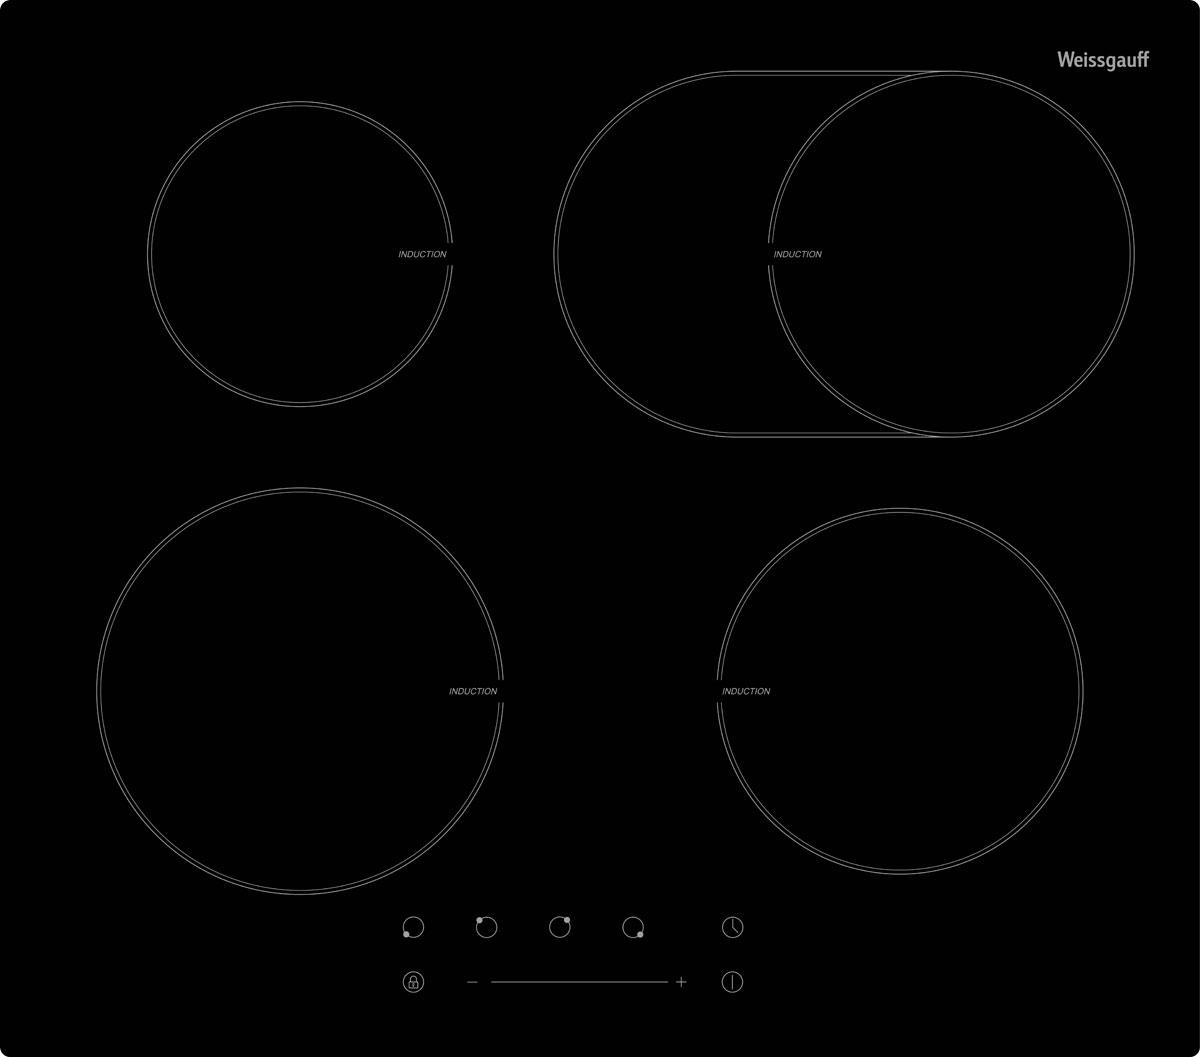 Weissgauff IHB 675 B варочная панель277955Самый главный атрибут любой кухни – плита, или, выражаясь более современным языком – варочная панель, экономящая пространство. Weissgauff IHB 675 B оснащена сенсорной панелью управления с таймером до 99 инут и цифровой индикацией степени нагрева. Автоматическое отключение и блокировка конфорок повышают безопасность эксплуатации. Закаленное стекло Vitro Ceramic Glass устойчиво к высоким температурам и царапинам, благодаря чему варочная панель долго сохраняет привлекательный внешний вид.